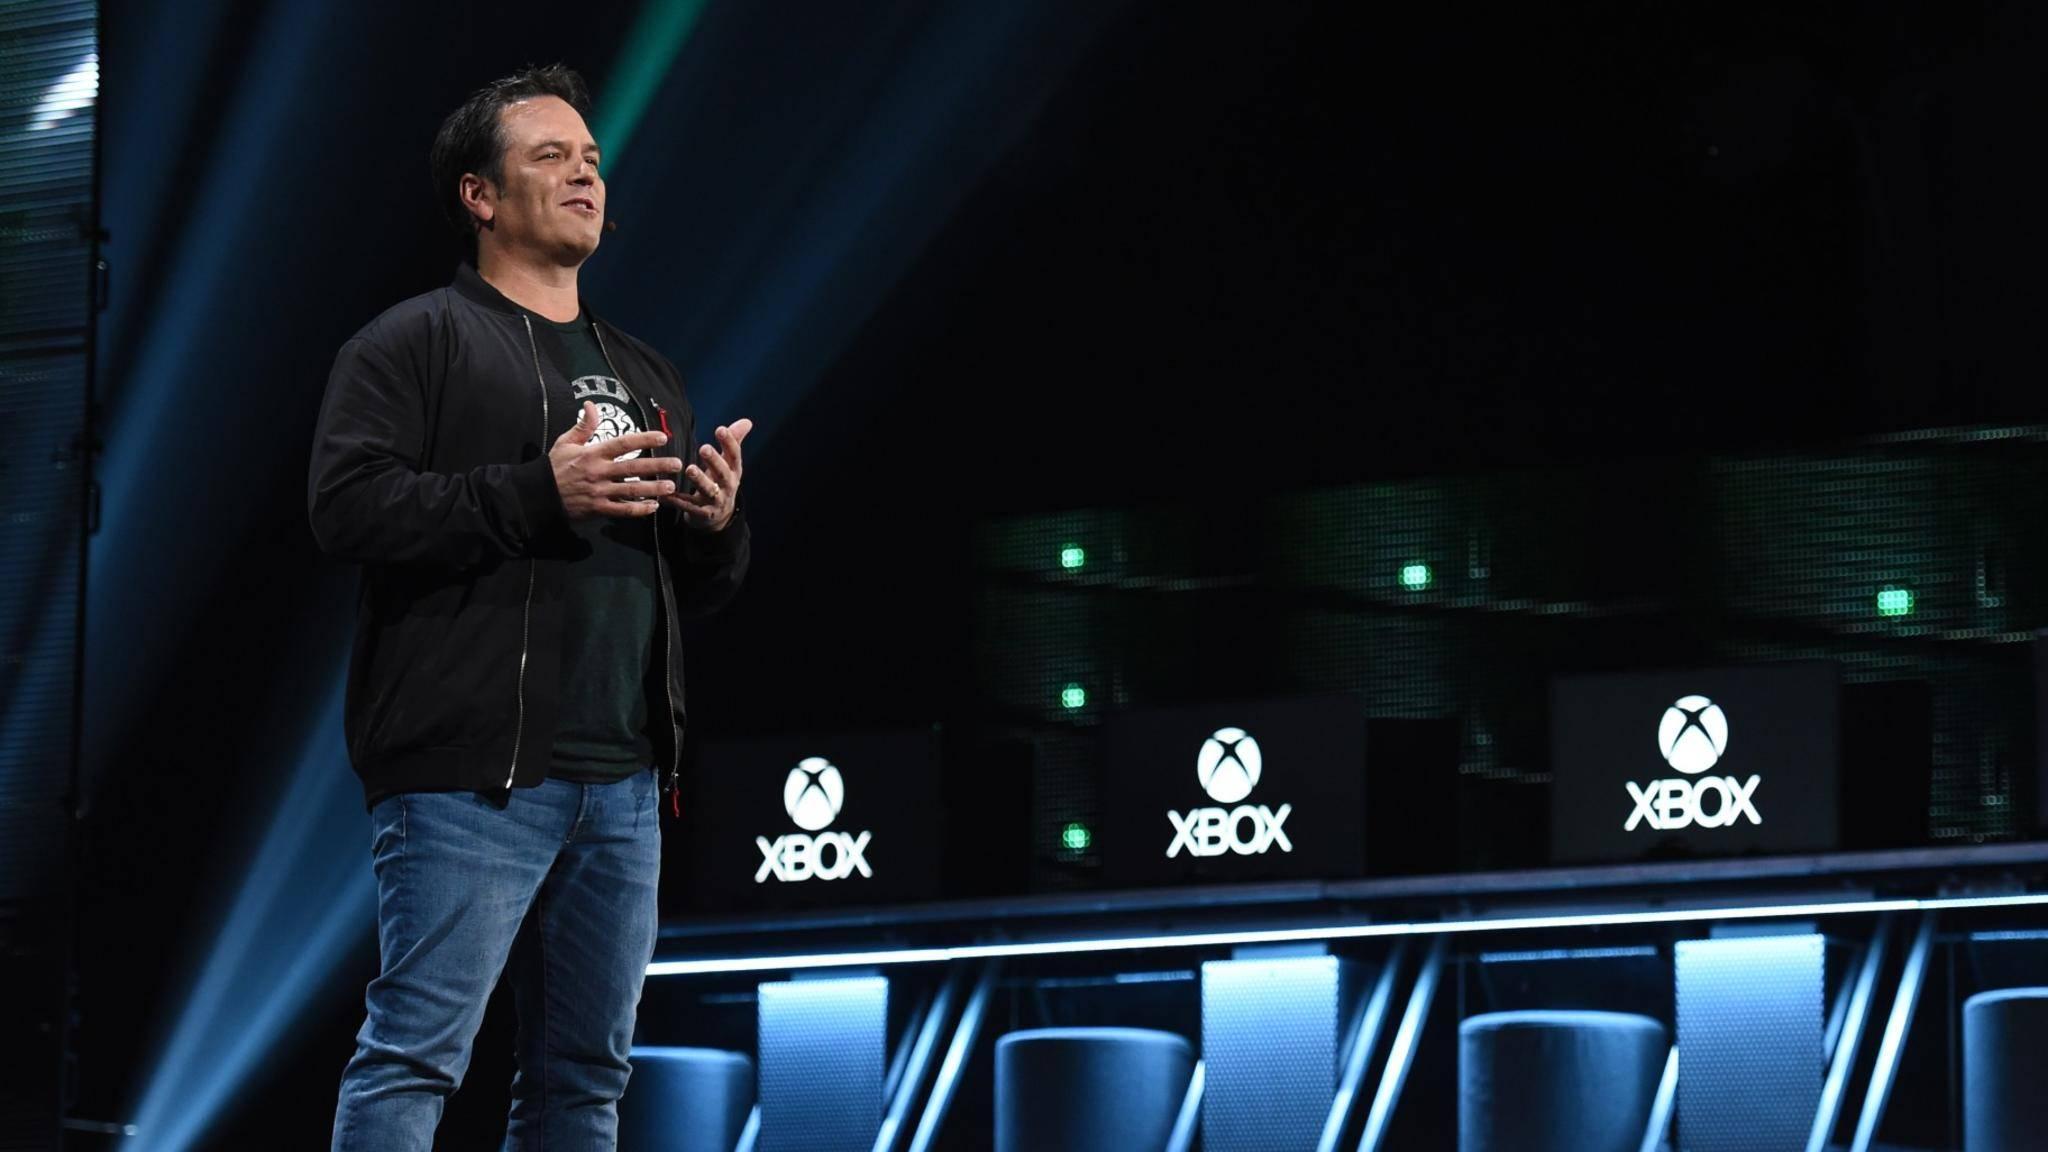 Selbst Phil Spencer ist noch ahnungslos, was den Namen der neuen Xbox angeht.